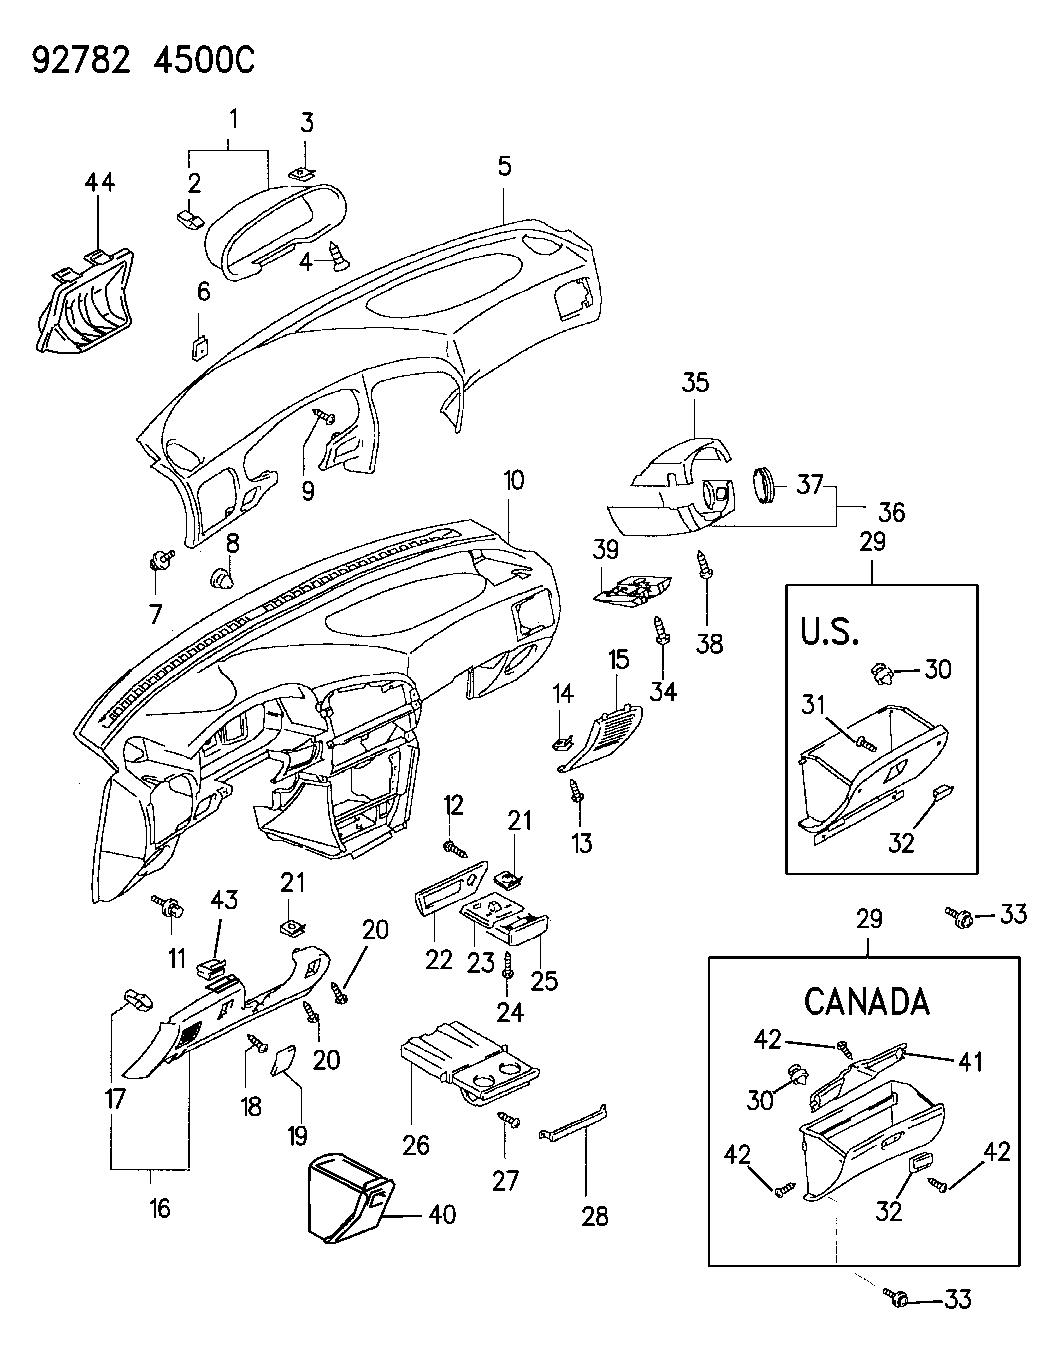 1993 Dodge Colt Instrument Panel - Thumbnail 3